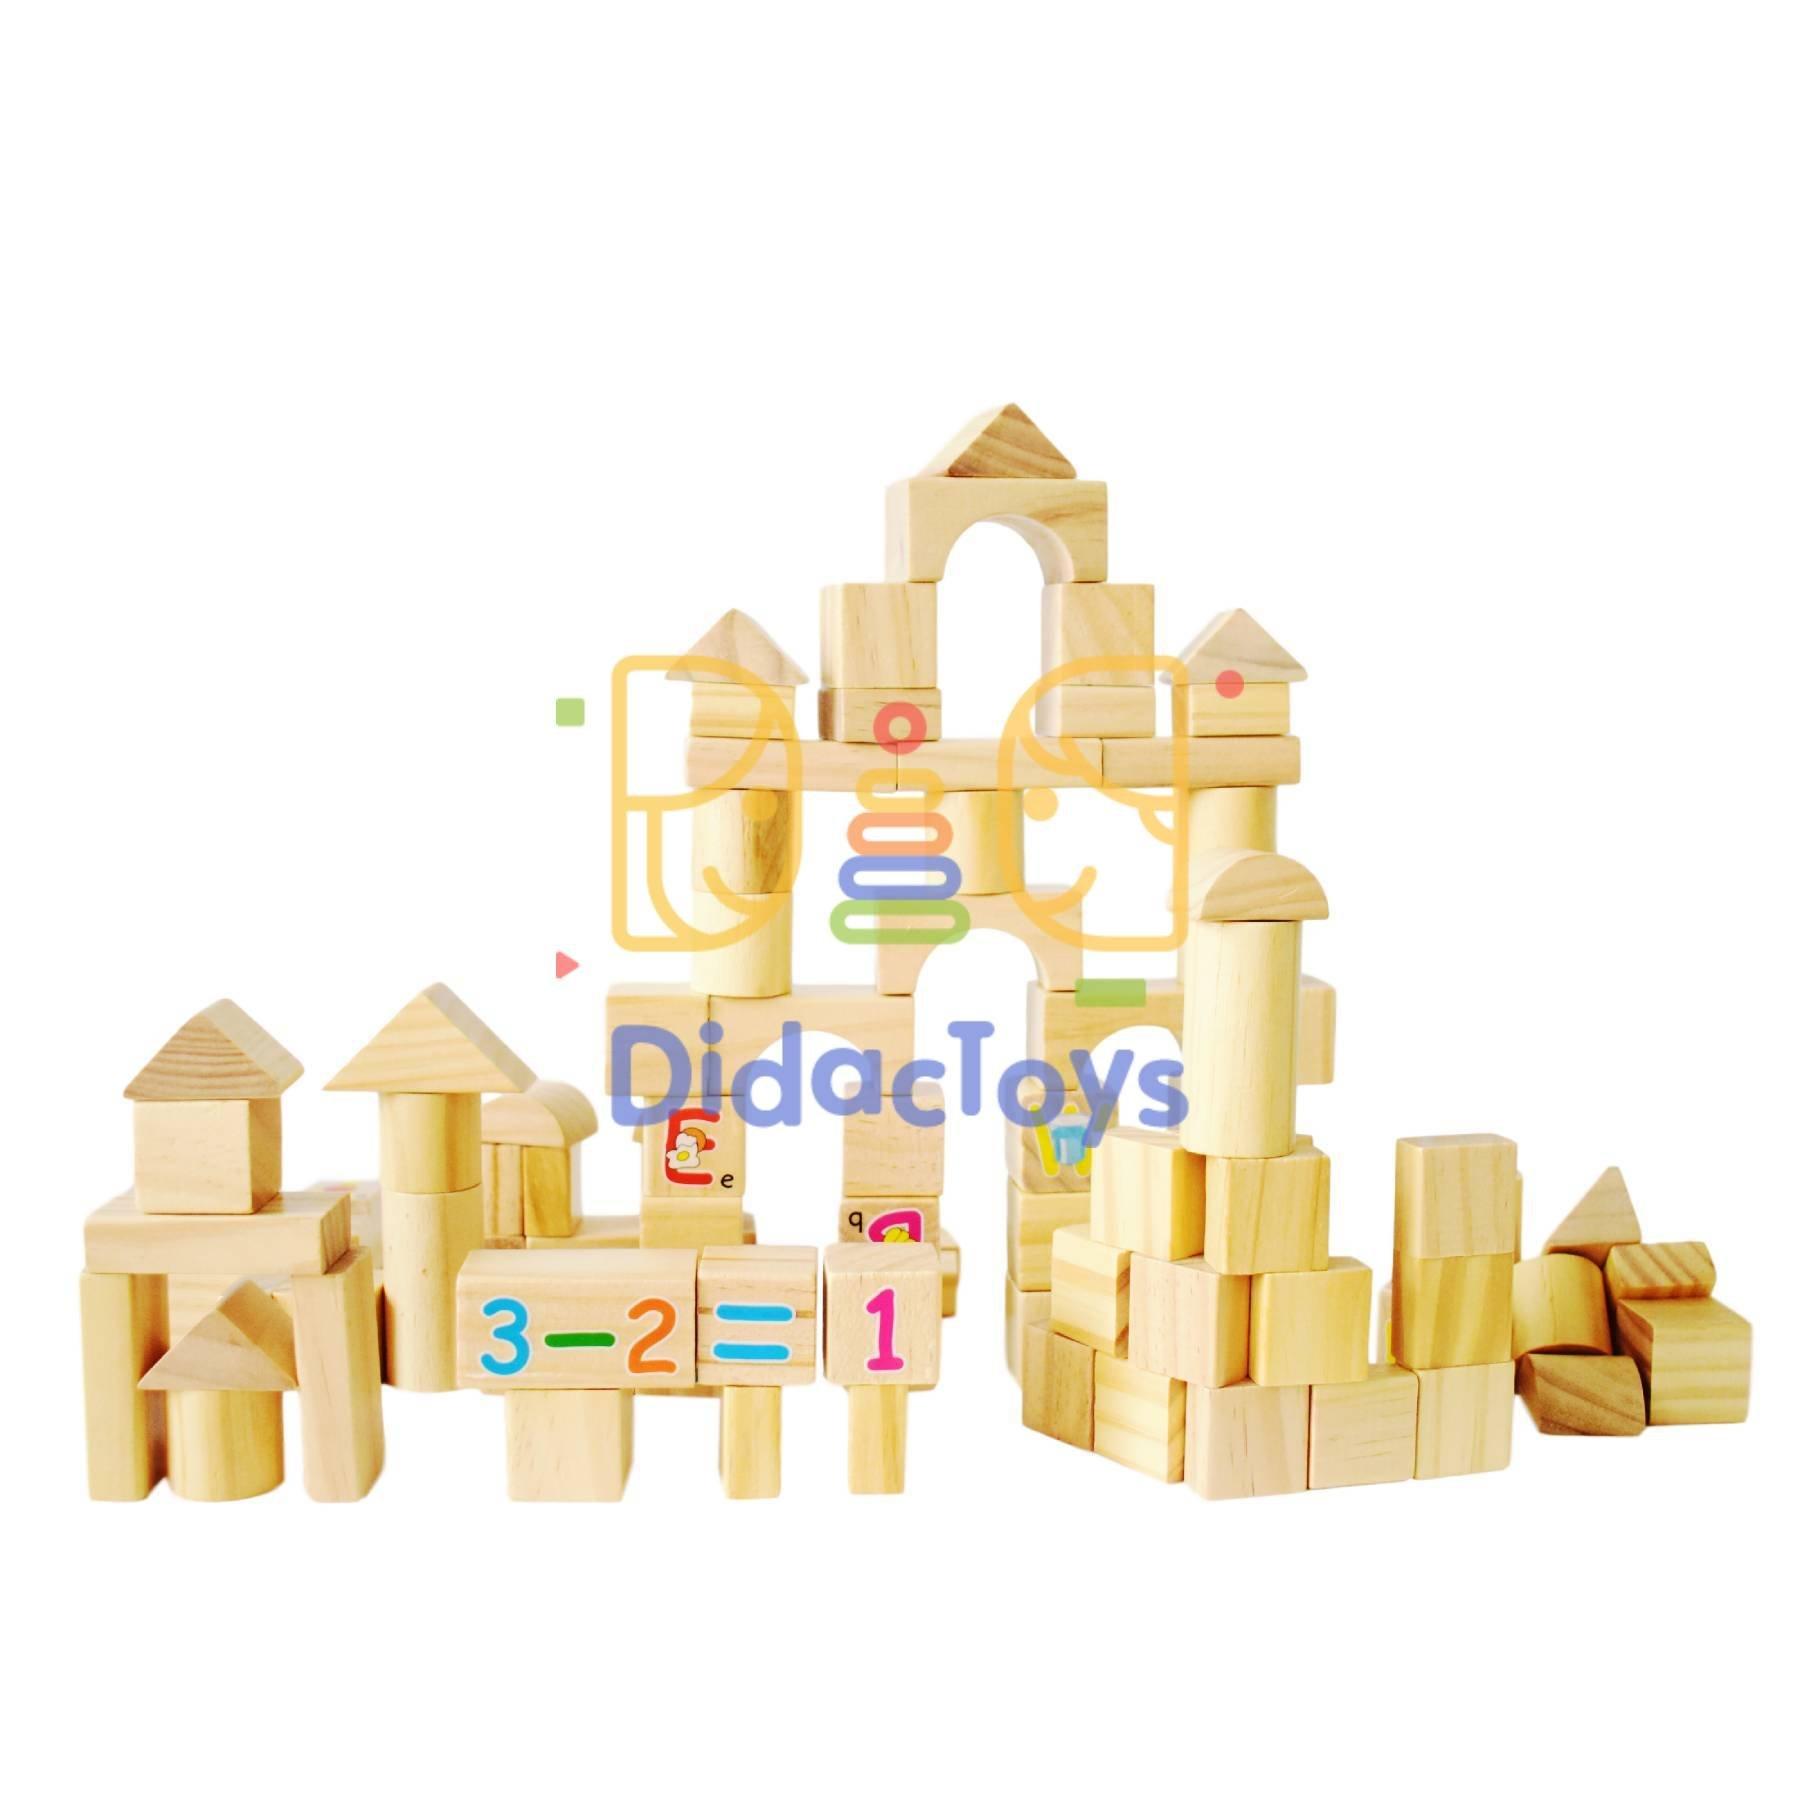 bloques didacticos de color natural